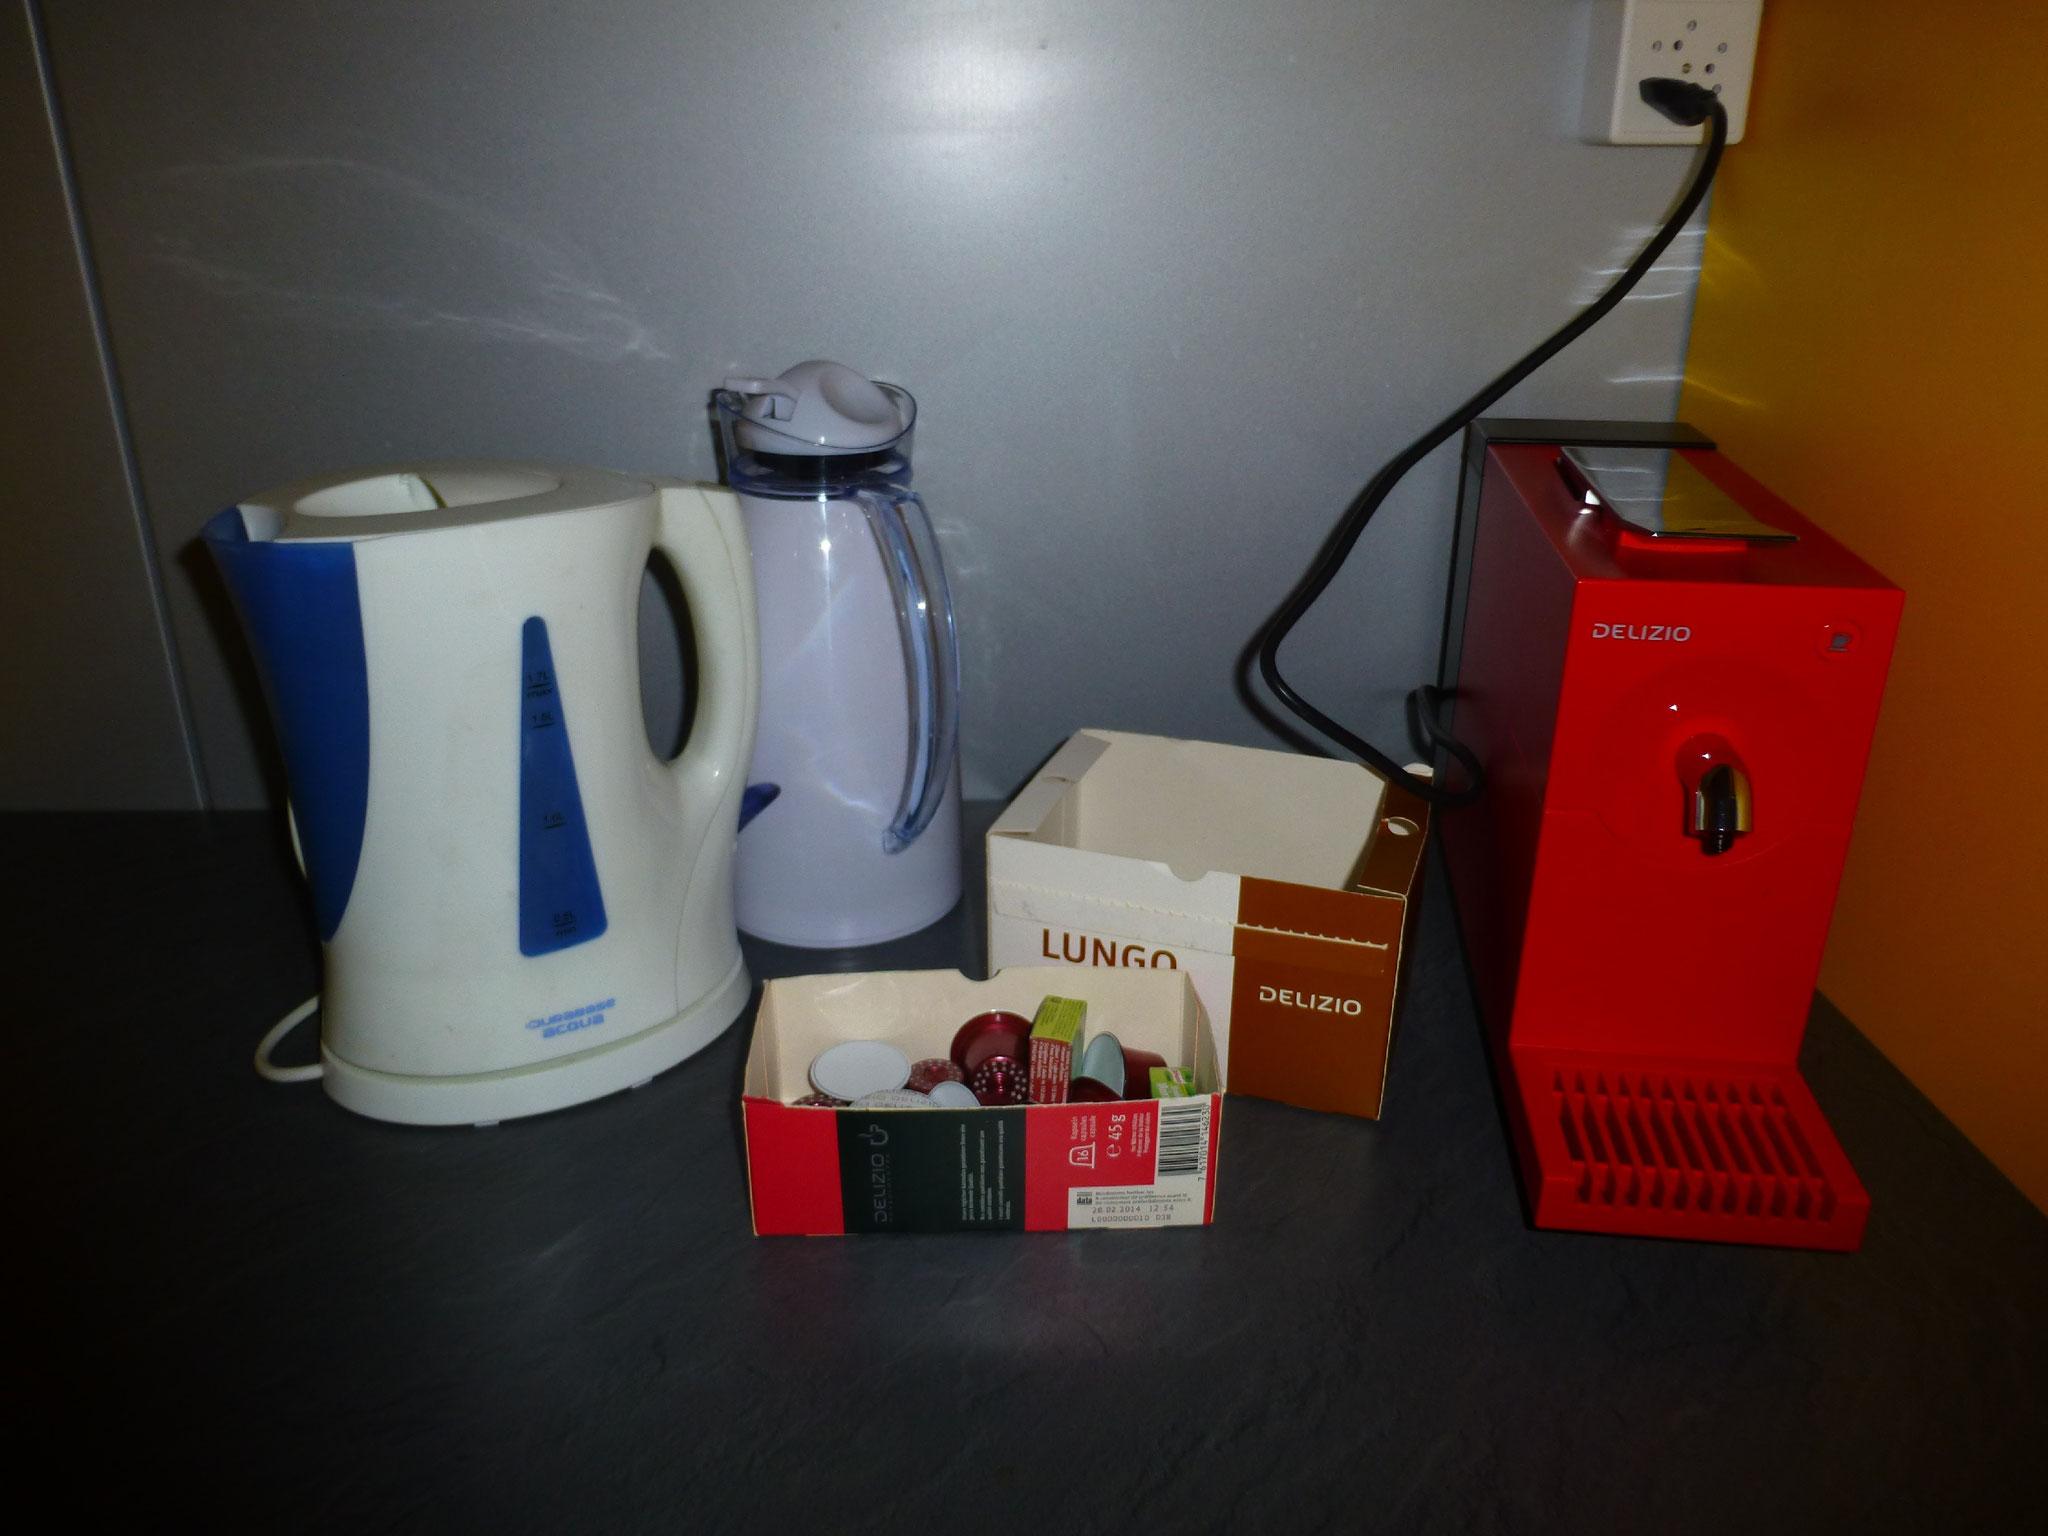 Alles da für Kaffee, Tee und Bouillon